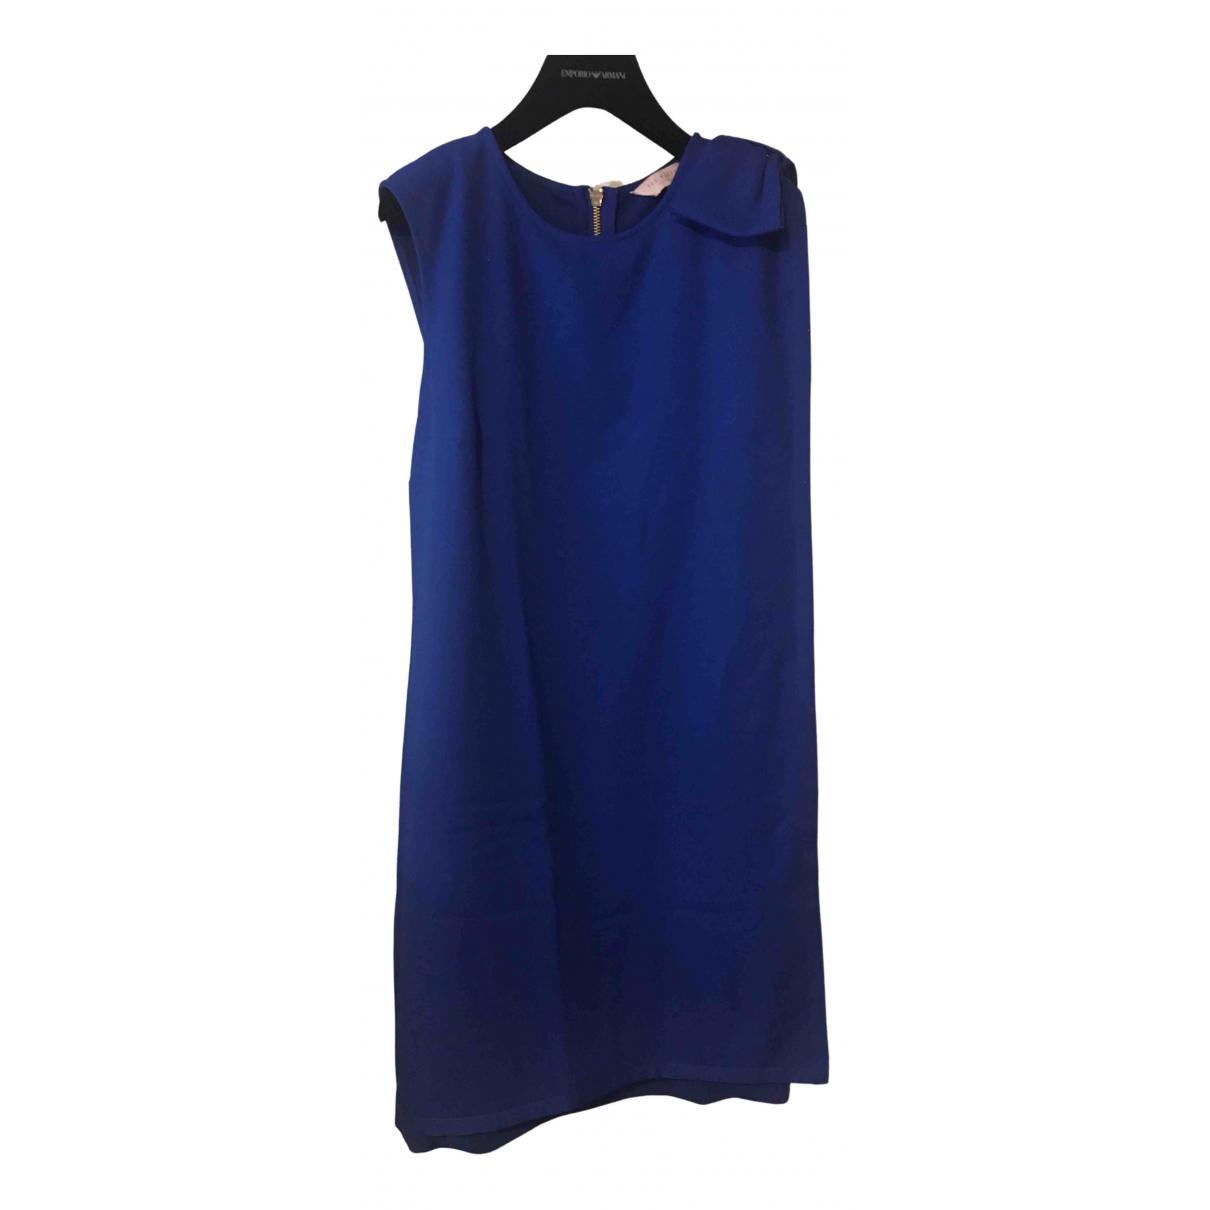 Ted Baker \N Blue dress for Women 2 0-5